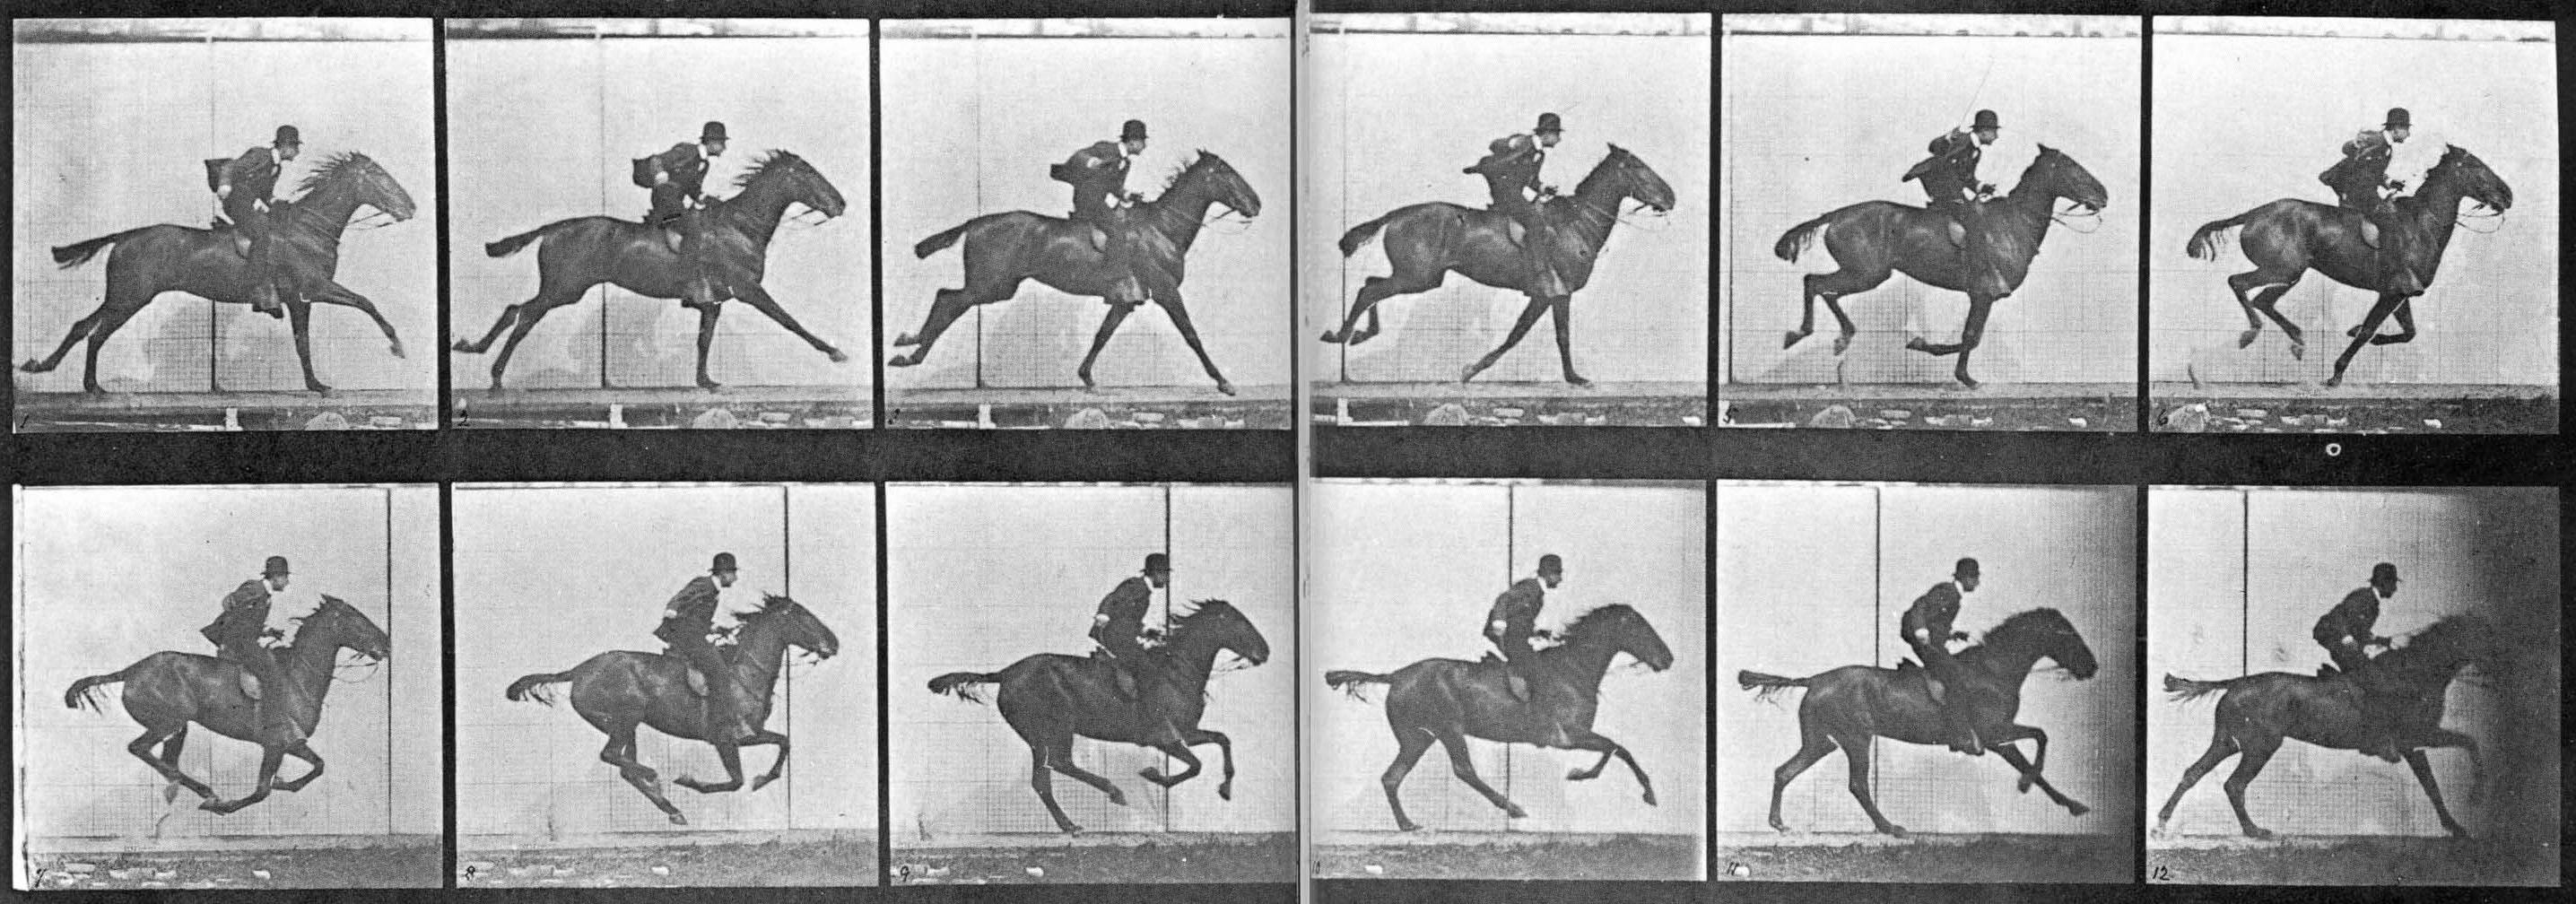 muybridge-horse.jpg